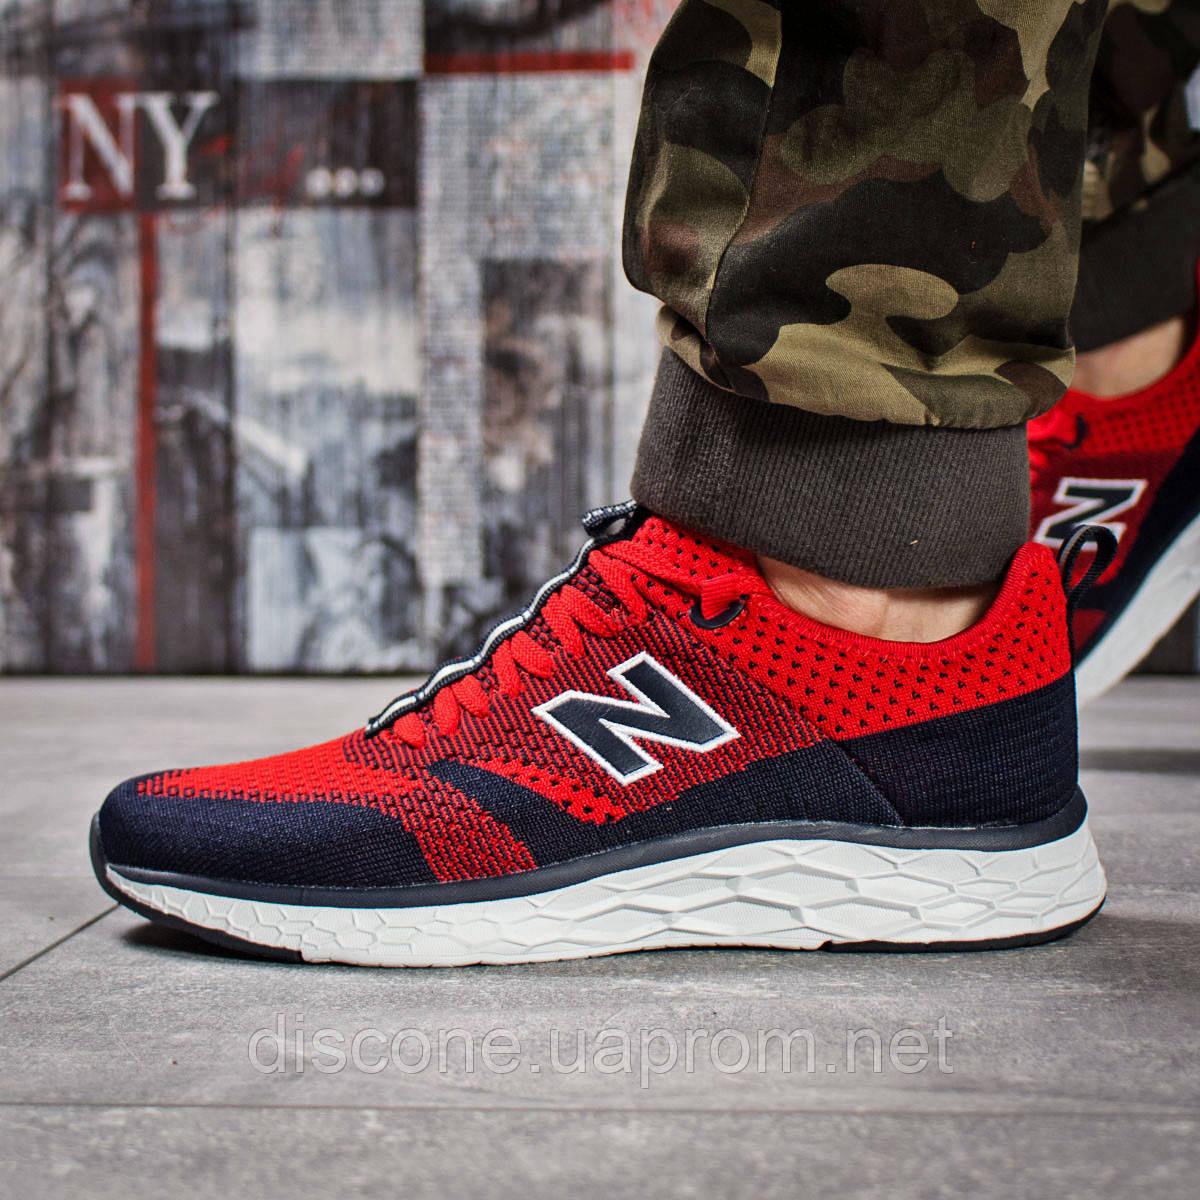 Кроссовки мужские ► New Balance Trailbuster,  красные (Код: 15863) ► [  44 (последняя пара)  ] ✅Скидка 36%